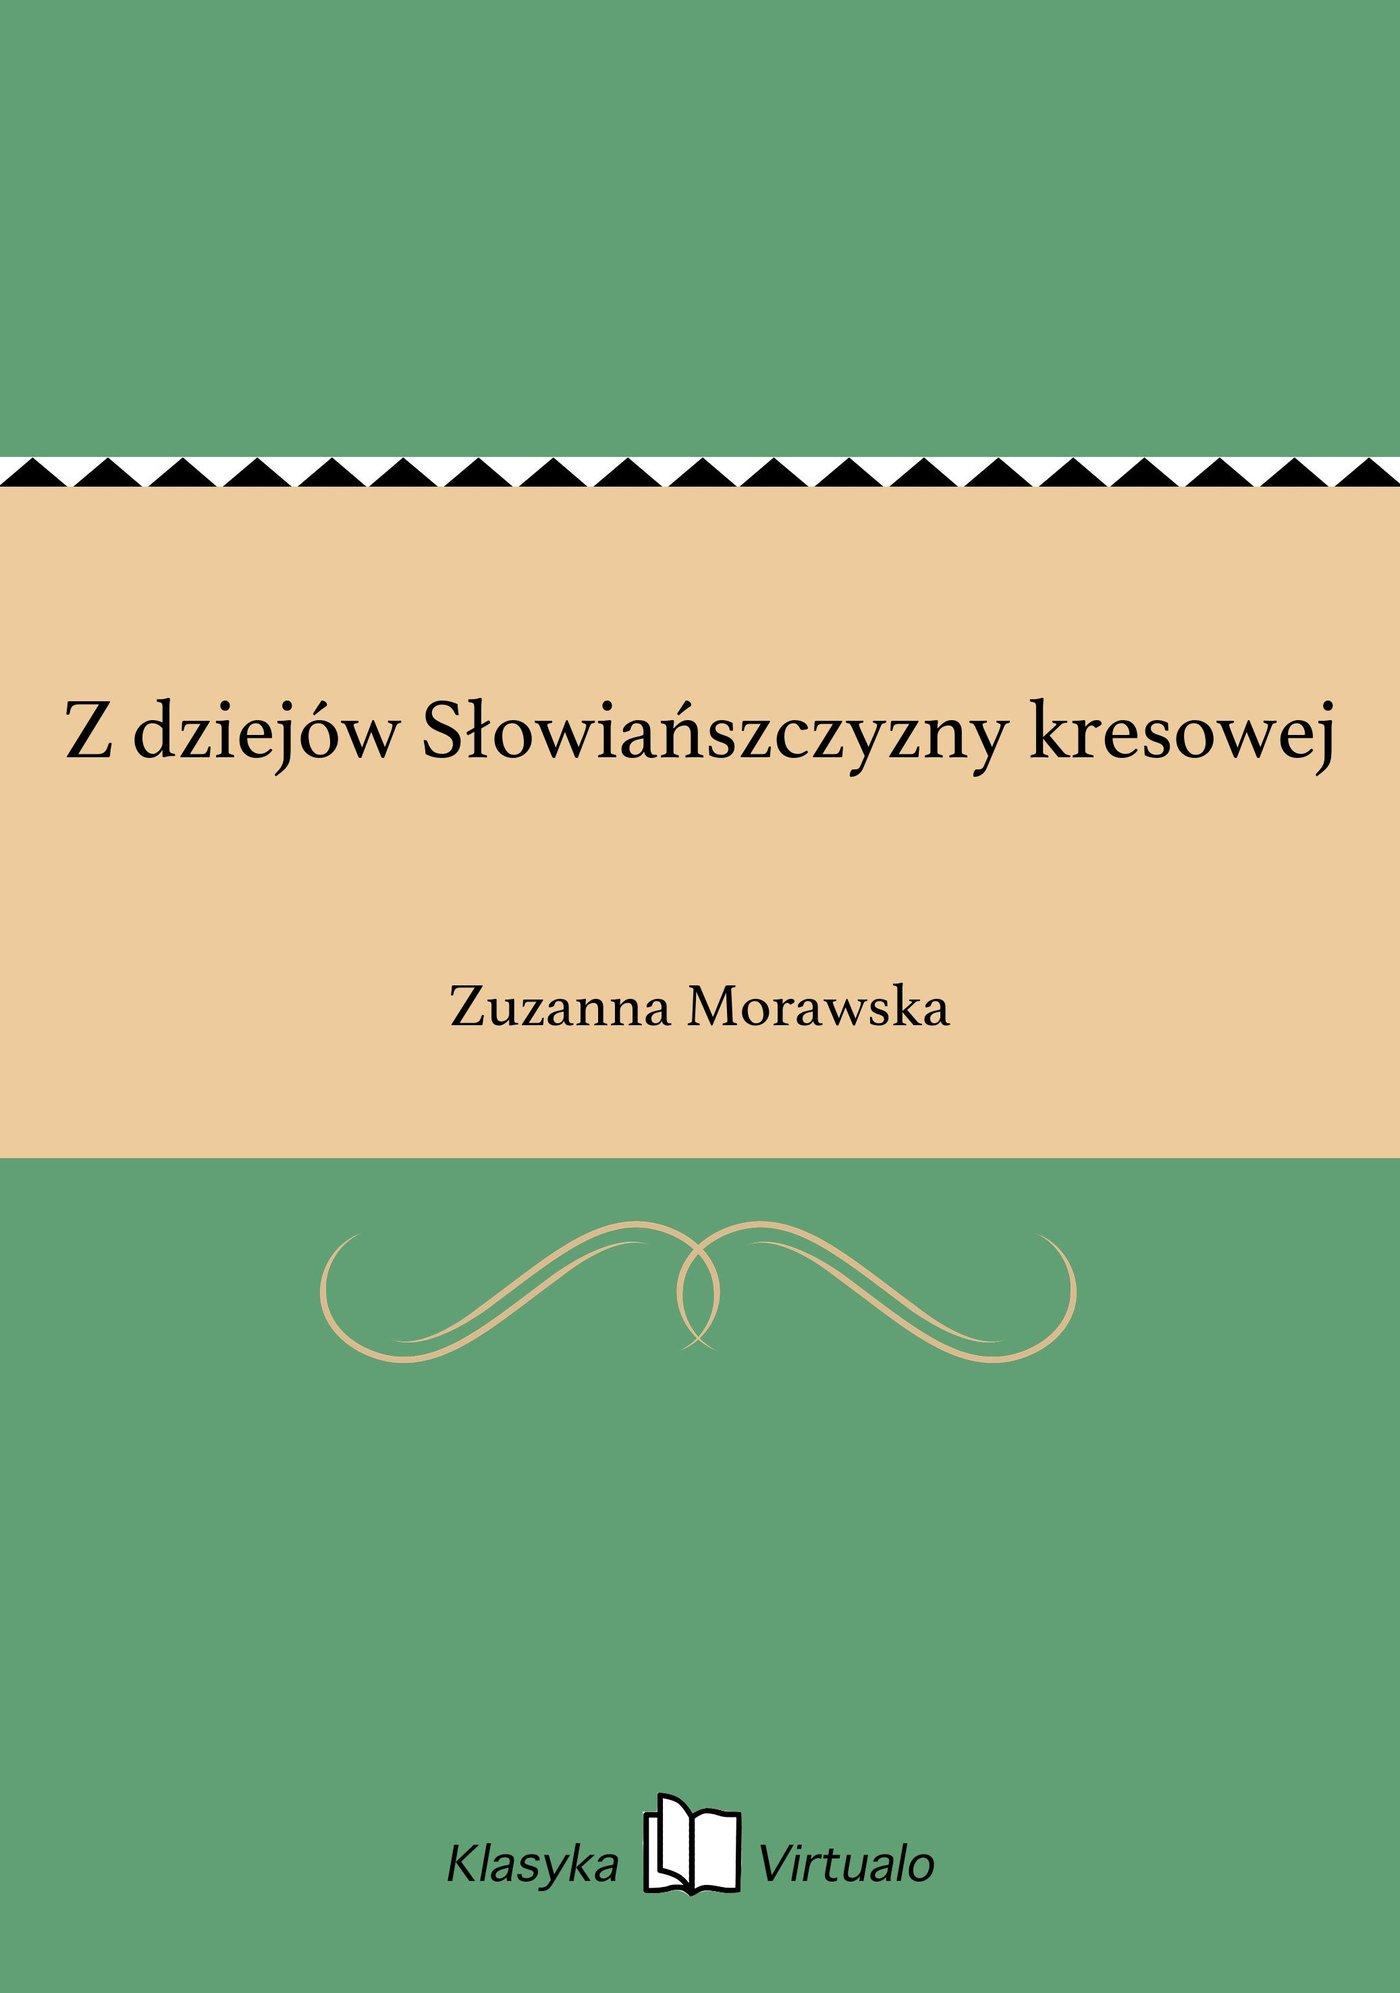 Z dziejów Słowiańszczyzny kresowej - Ebook (Książka EPUB) do pobrania w formacie EPUB